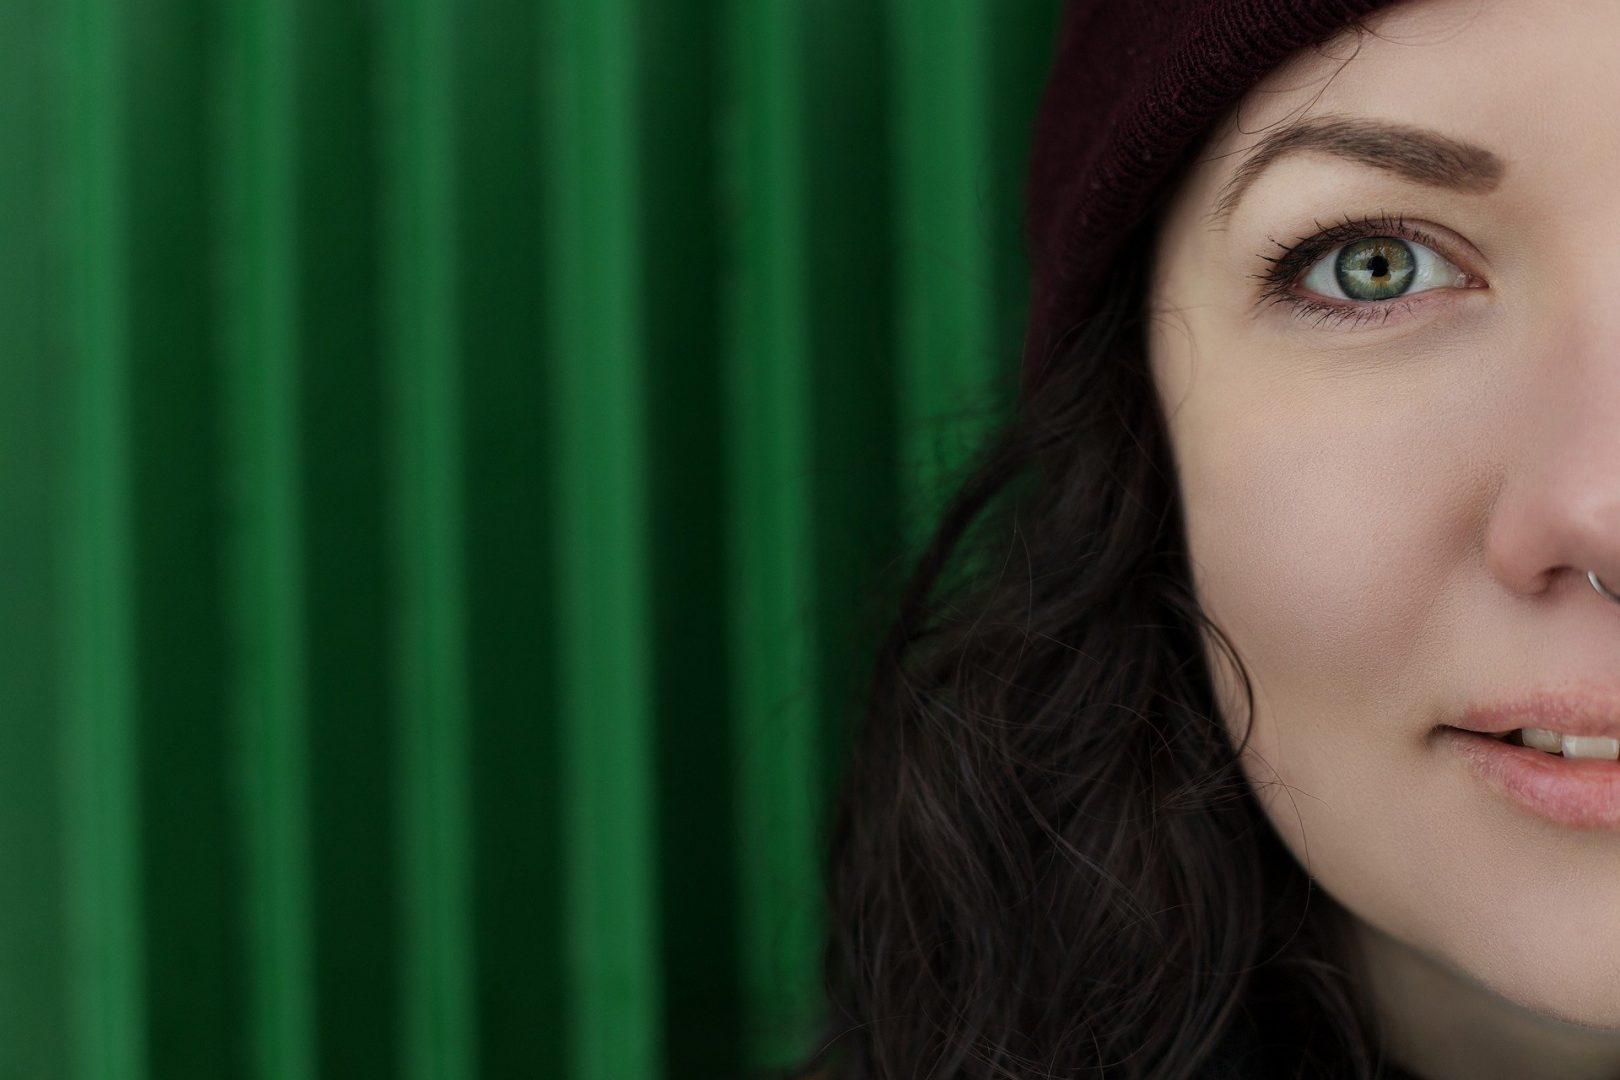 Olhos verdes: saúde ocular e curiosidades